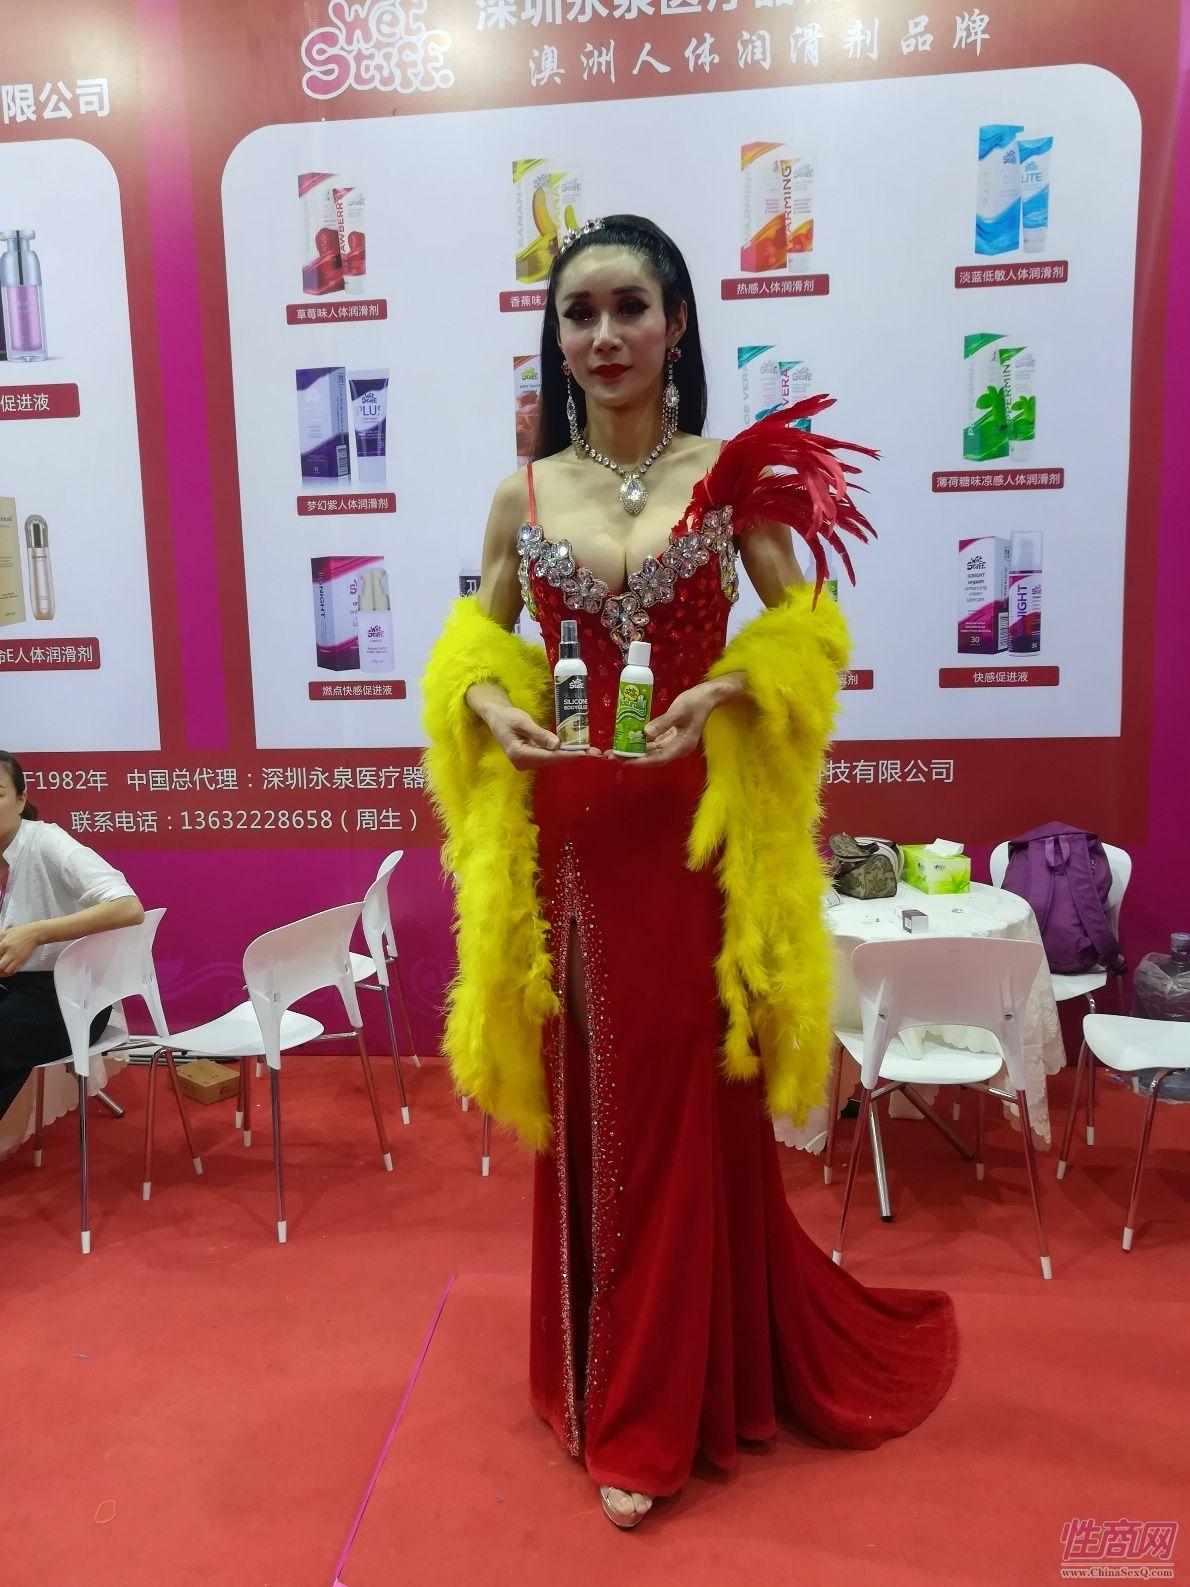 18上海成人展-现场模特 (17)